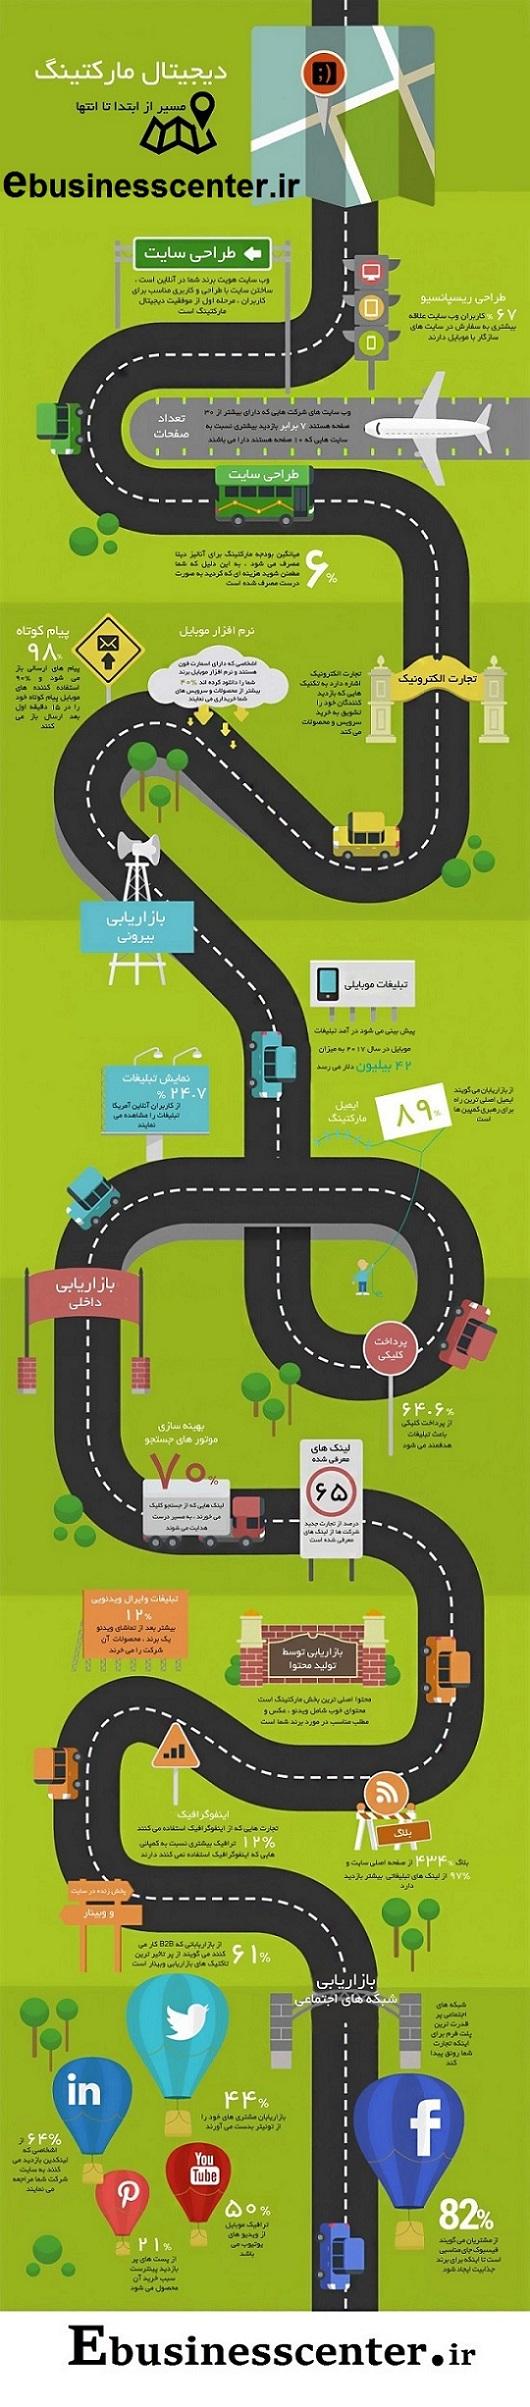 دیجیتال مارکتینگ digital marketing